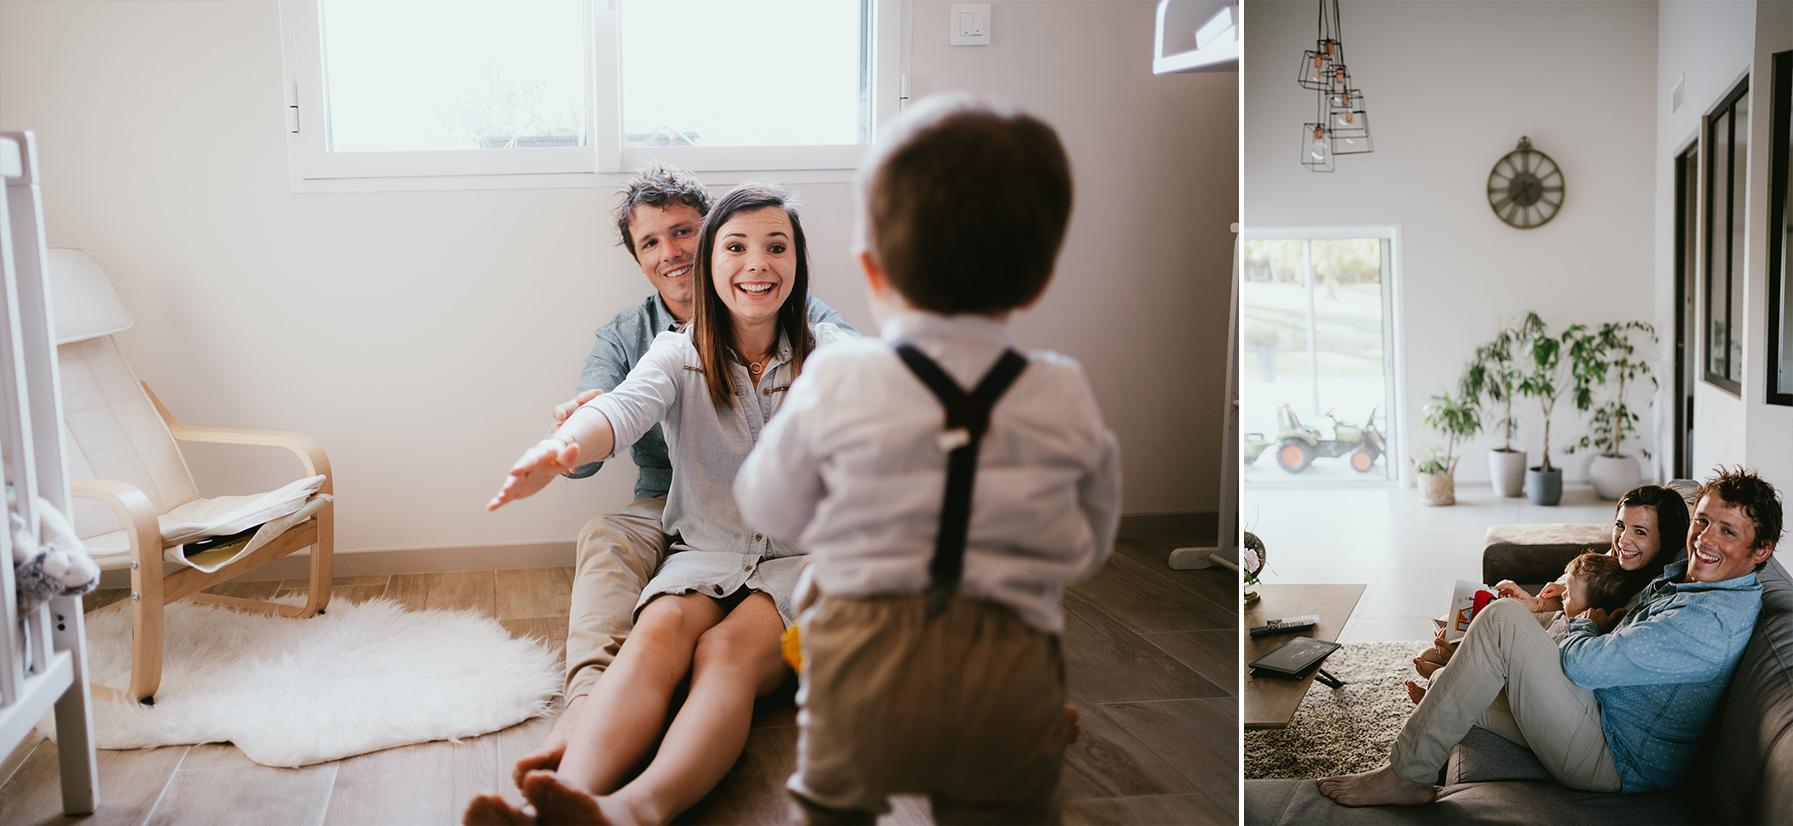 Seance photo famille landes photographe lifestyle